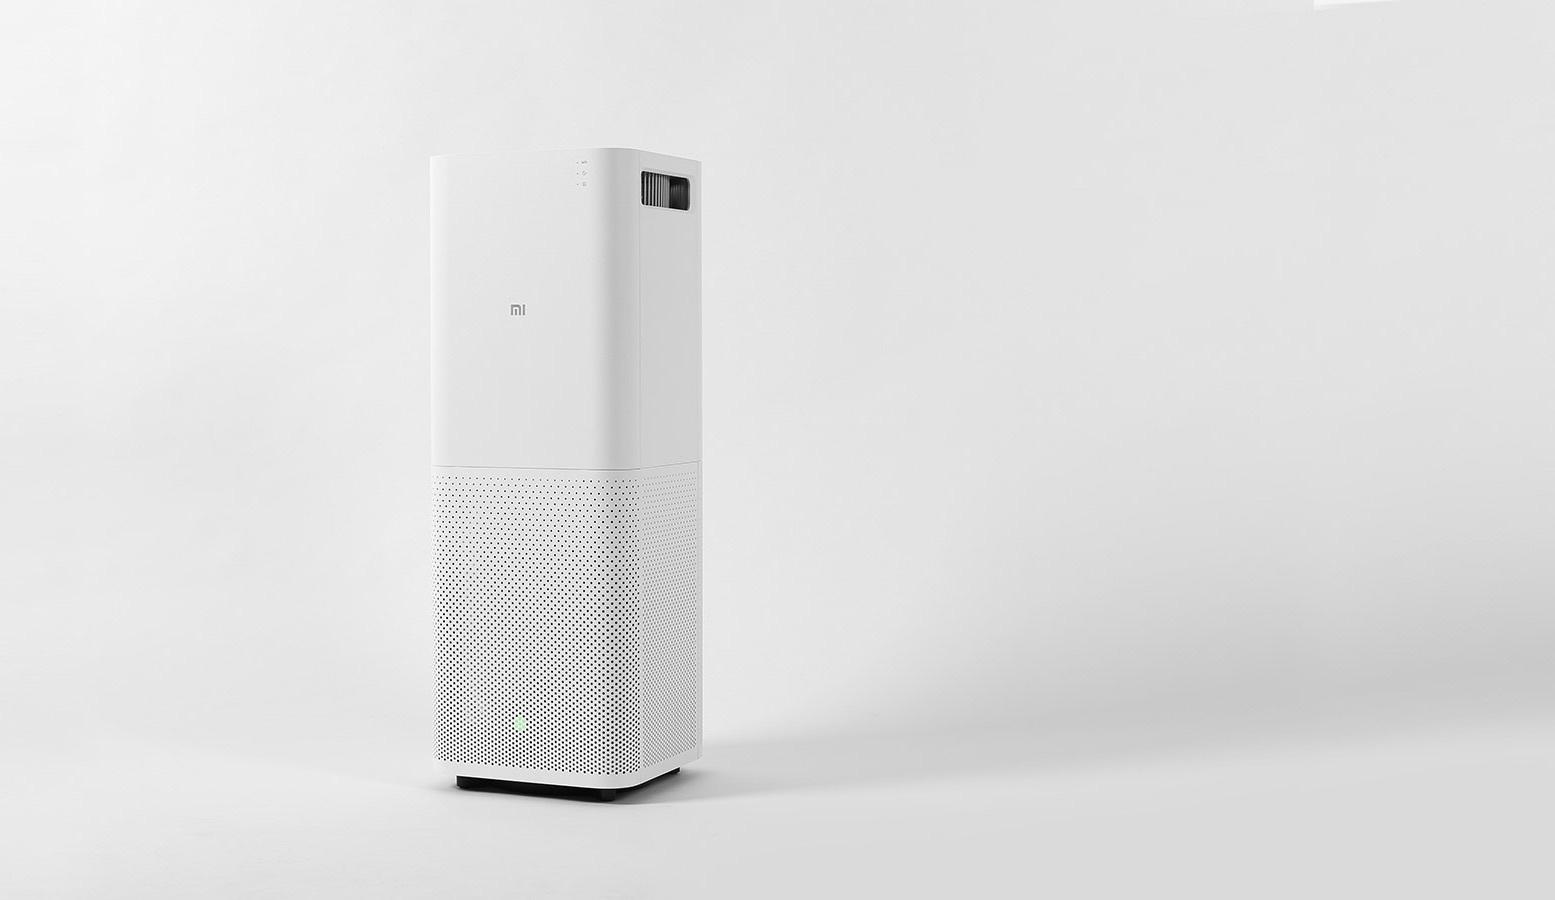 Подборка удивительных гаджетов Xiaomi - 16